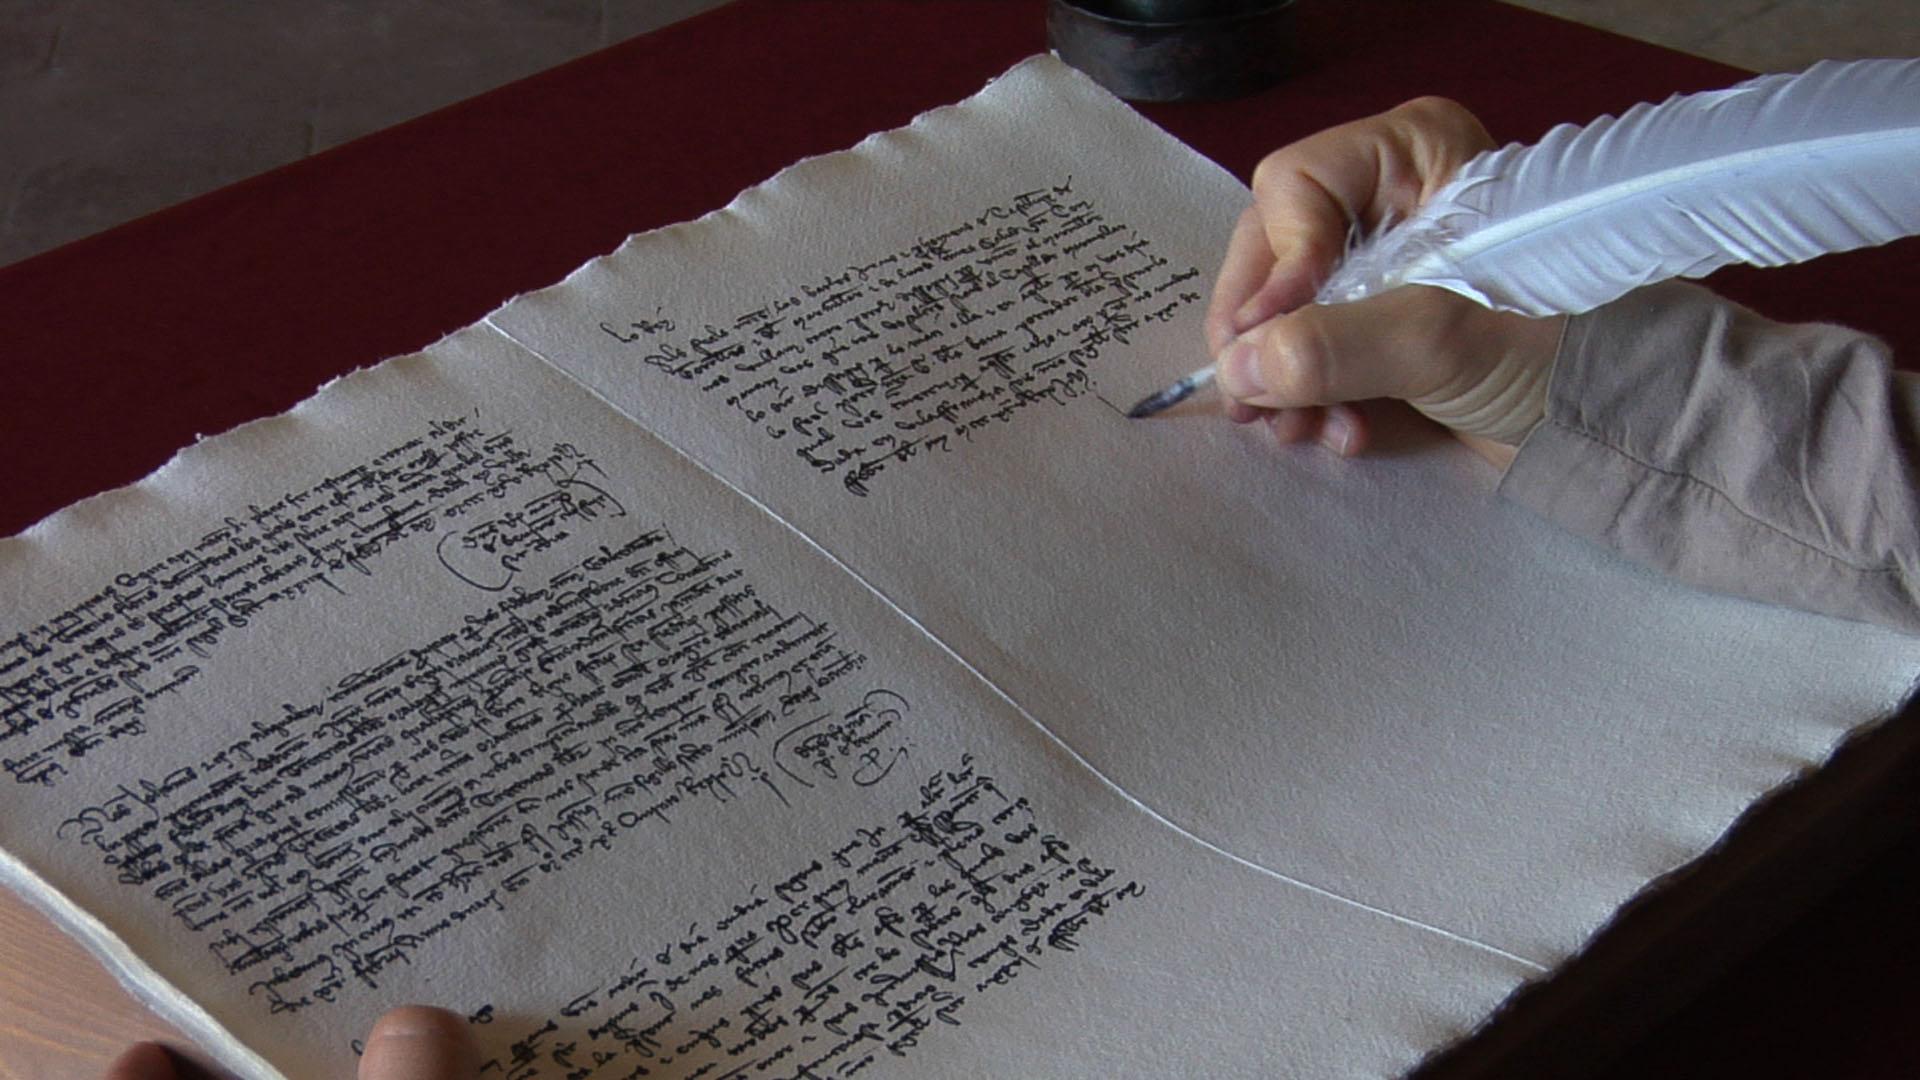 L'ajudant copia la carta